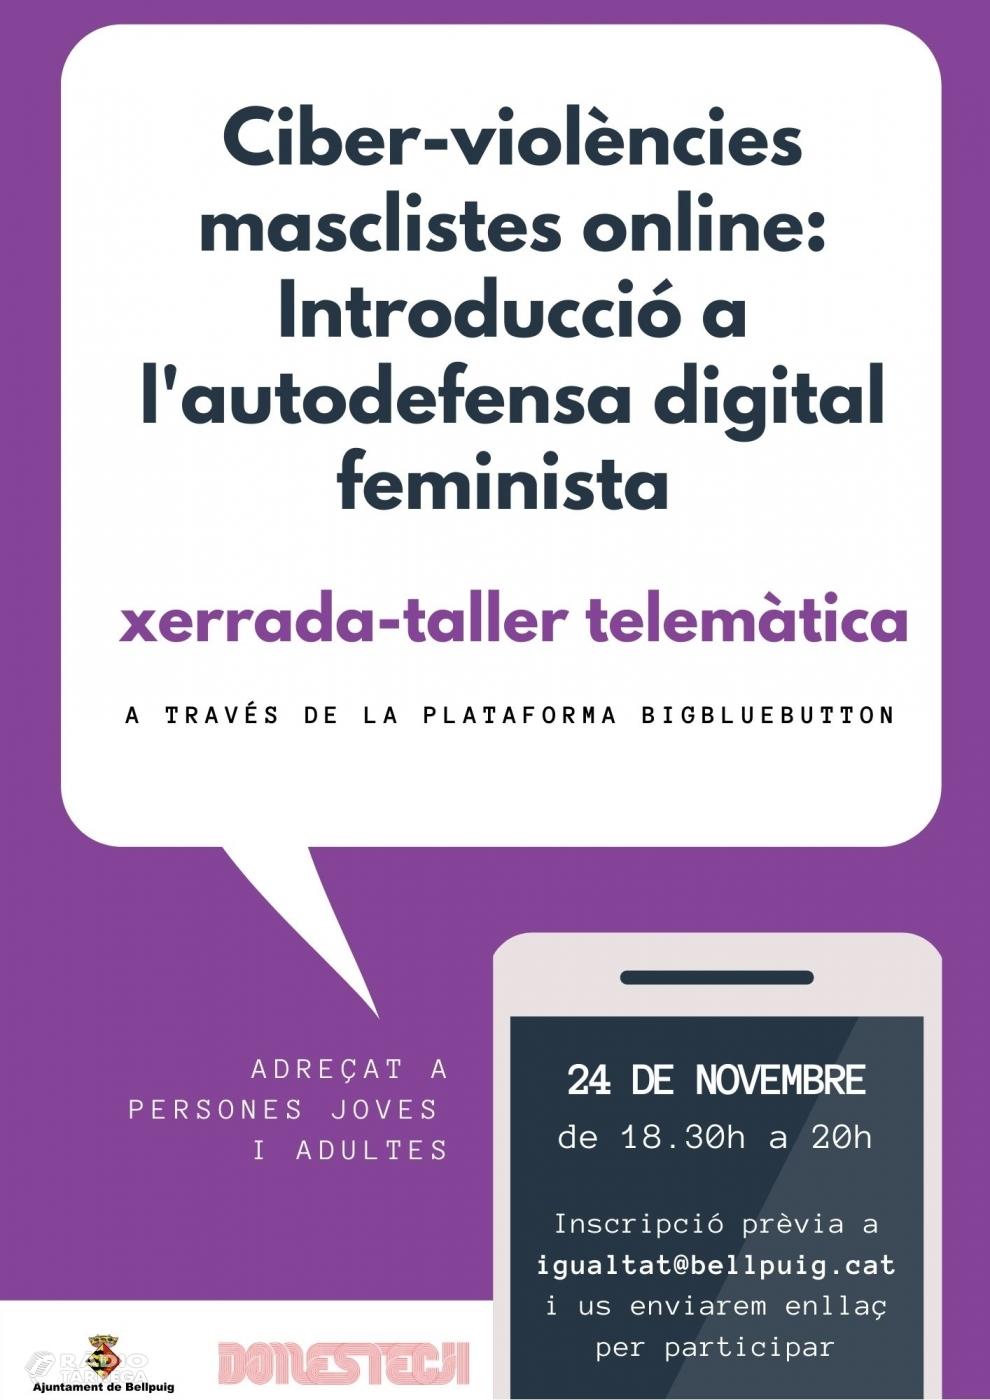 Les ciber-violències masclistes: introducció a l'autodefensa digital feminista en motiu del 15N a Bellpuig